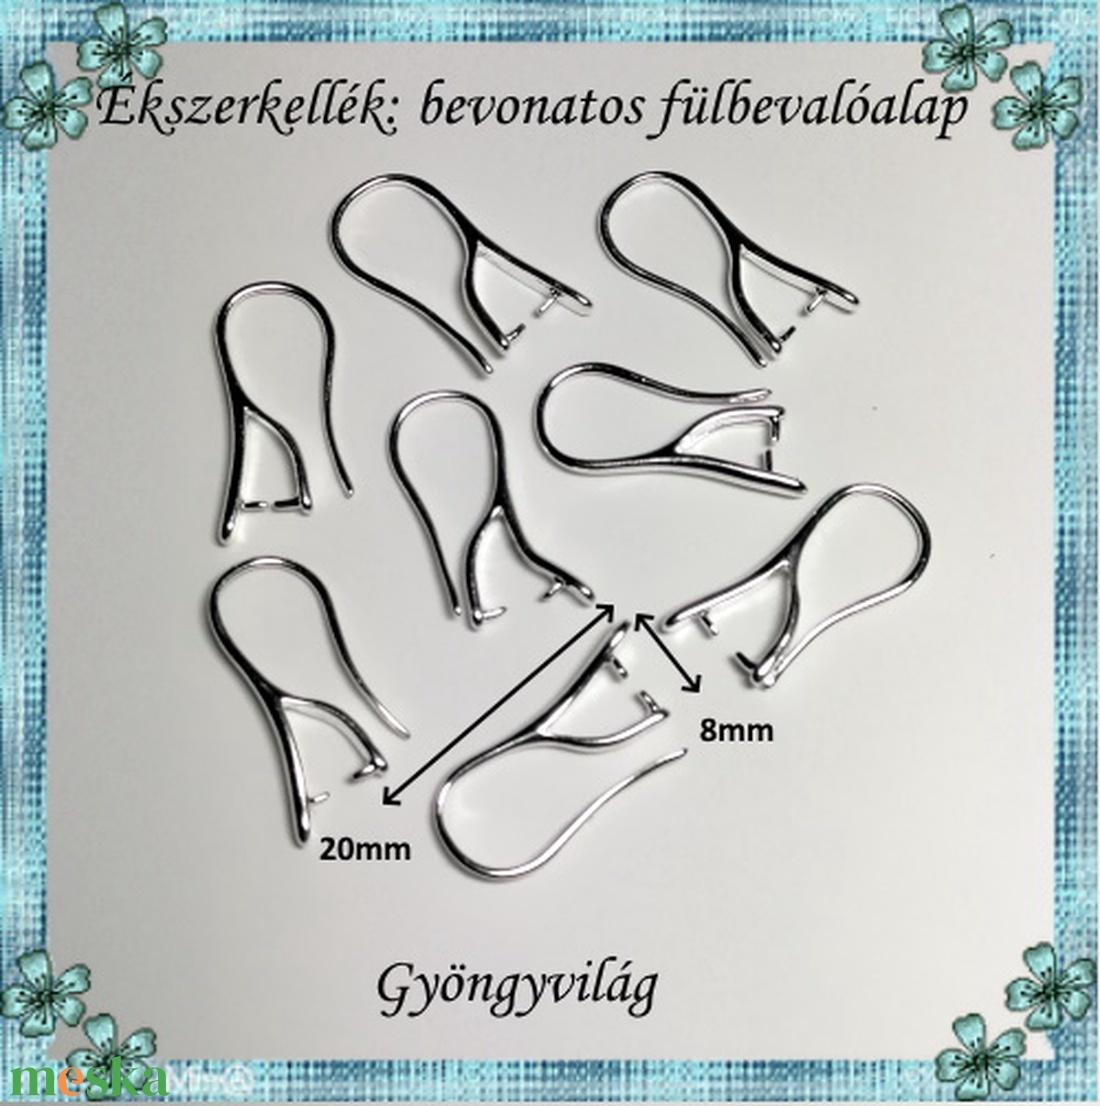 Ezüstel bevont ékszerkellék: fülbevalóalap  E925-FK05 4pár/cs - gyöngy, ékszerkellék - egyéb alkatrész - Meska.hu